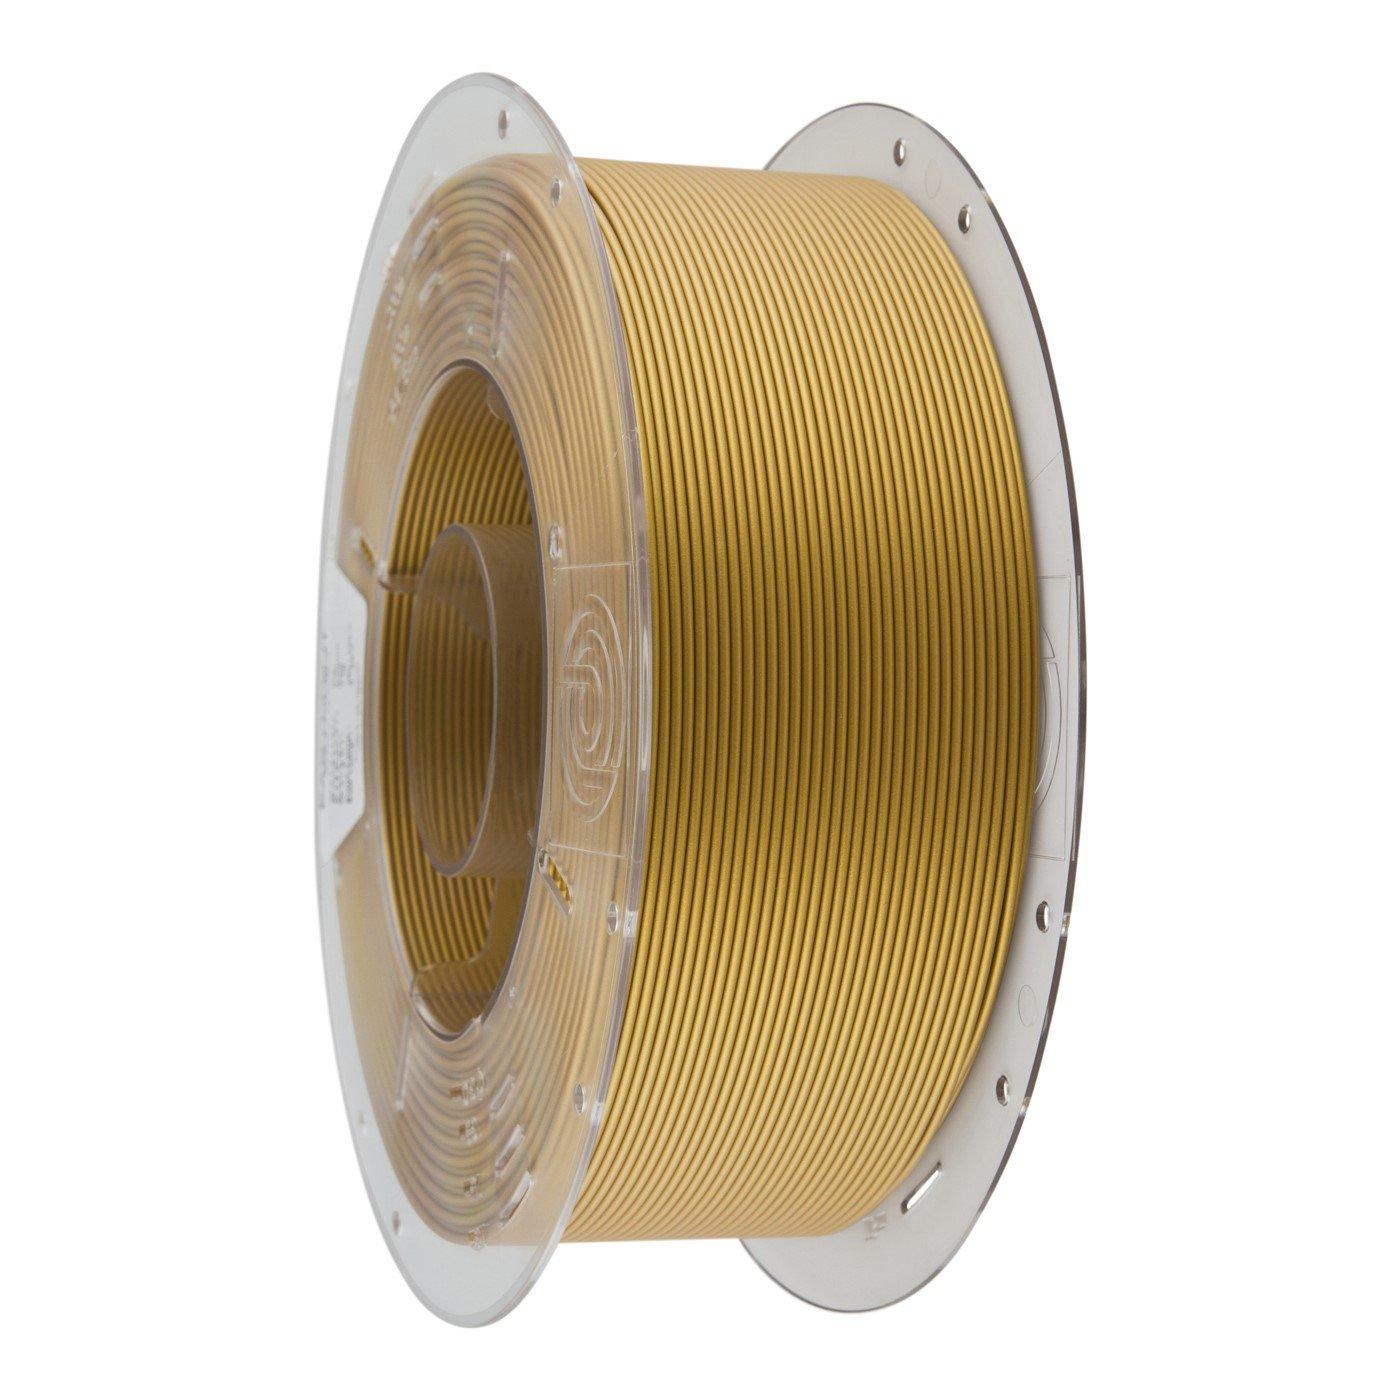 Filamento PLA 2.85mm 1kg COLOR FOTO-1 IMP 3D [7DLD8174]